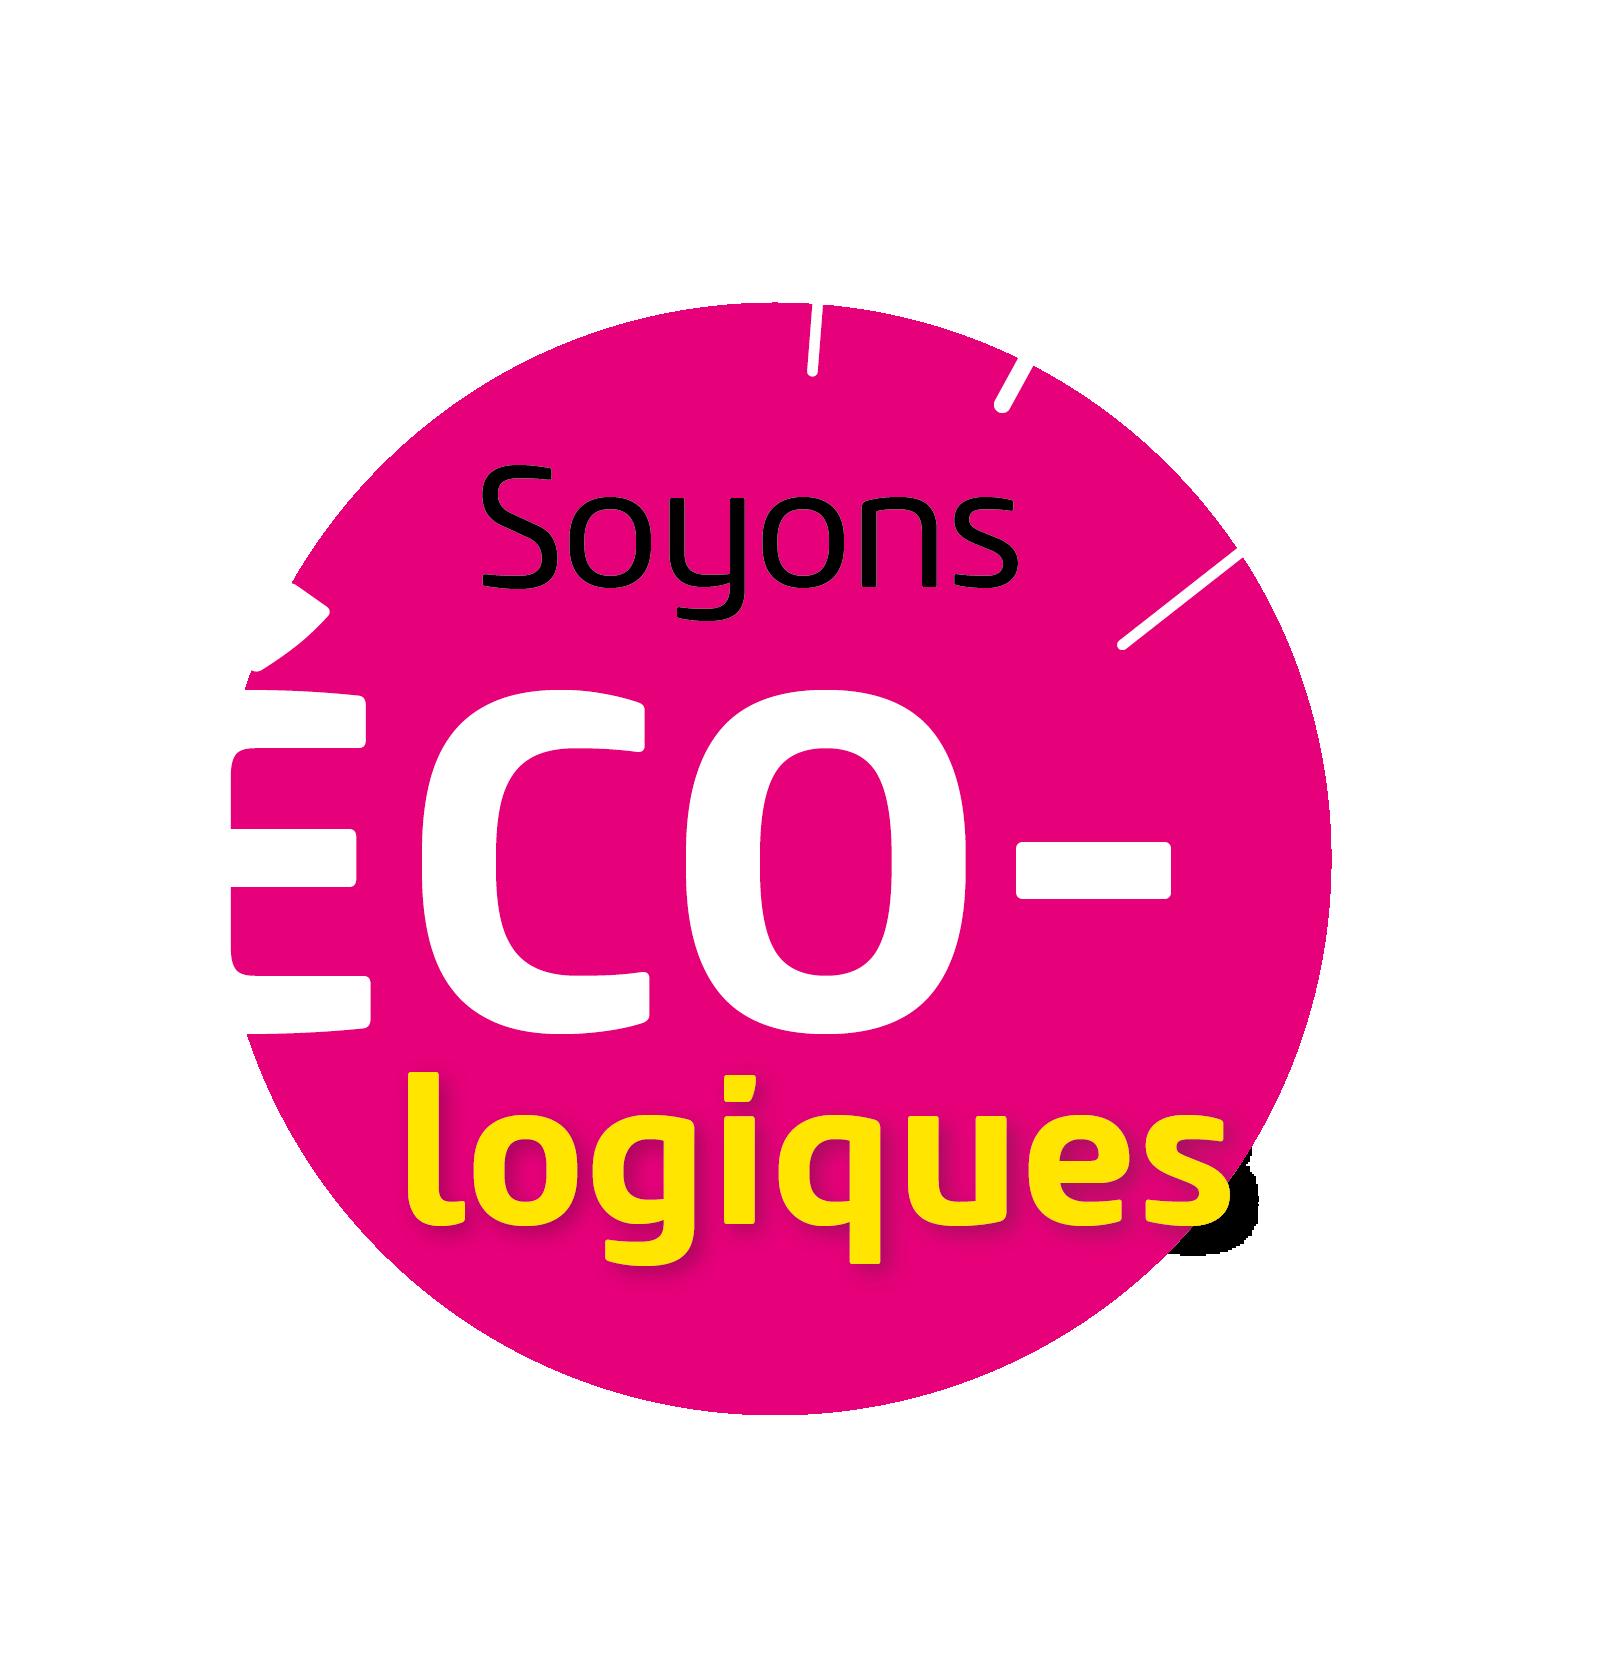 Logo Soyons éco-logiques